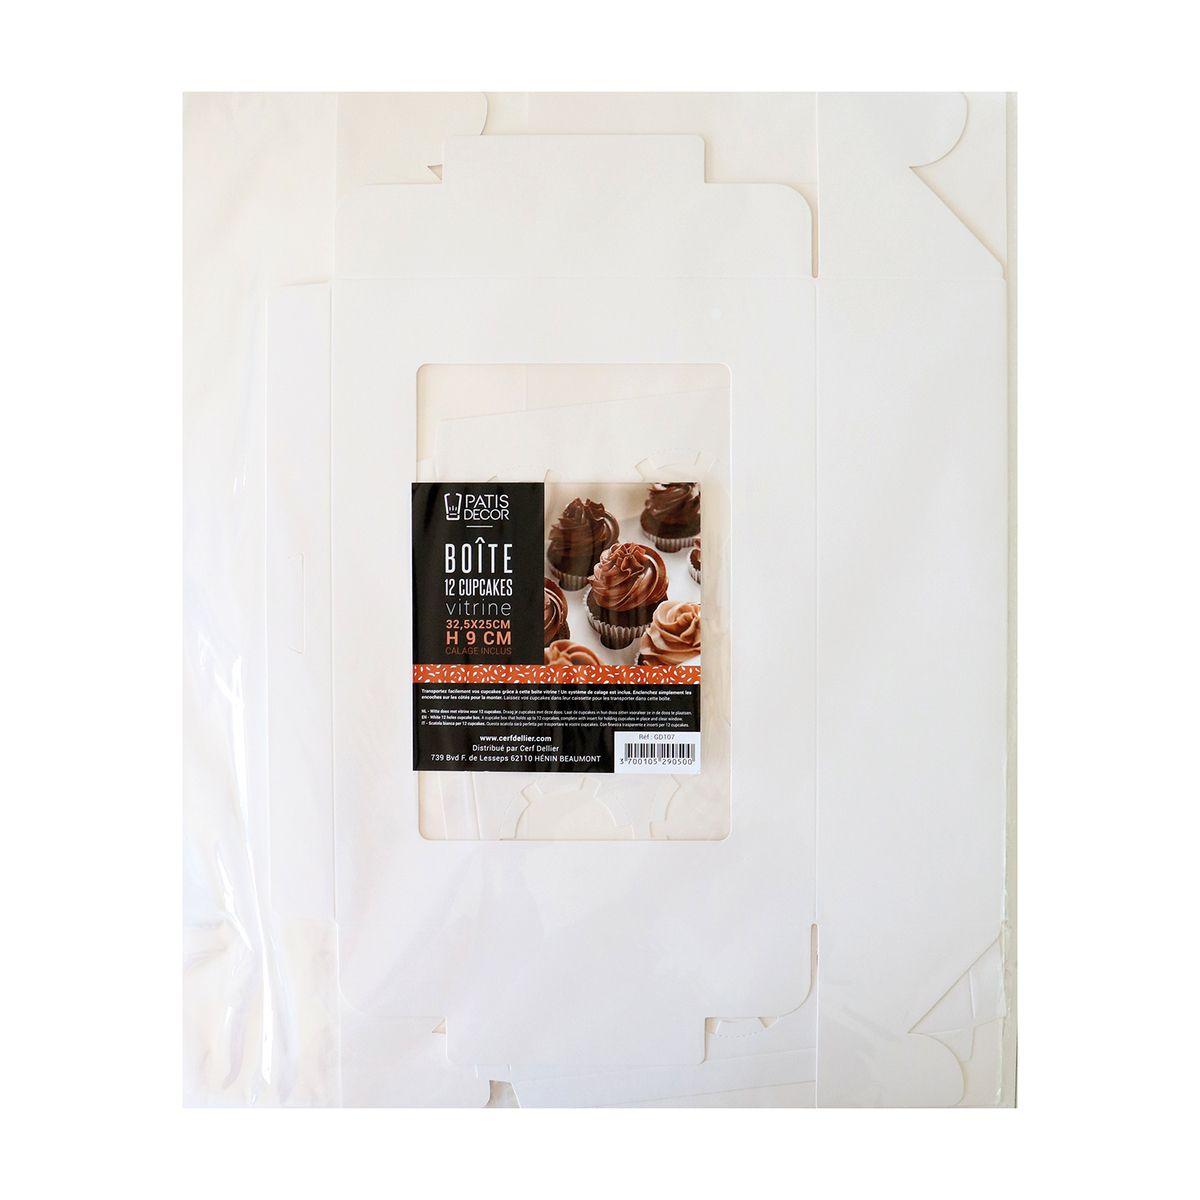 Boîte de transport 12 cupcakes en carton blanc 32.5 x 25 x 9 cm - Patisdecor